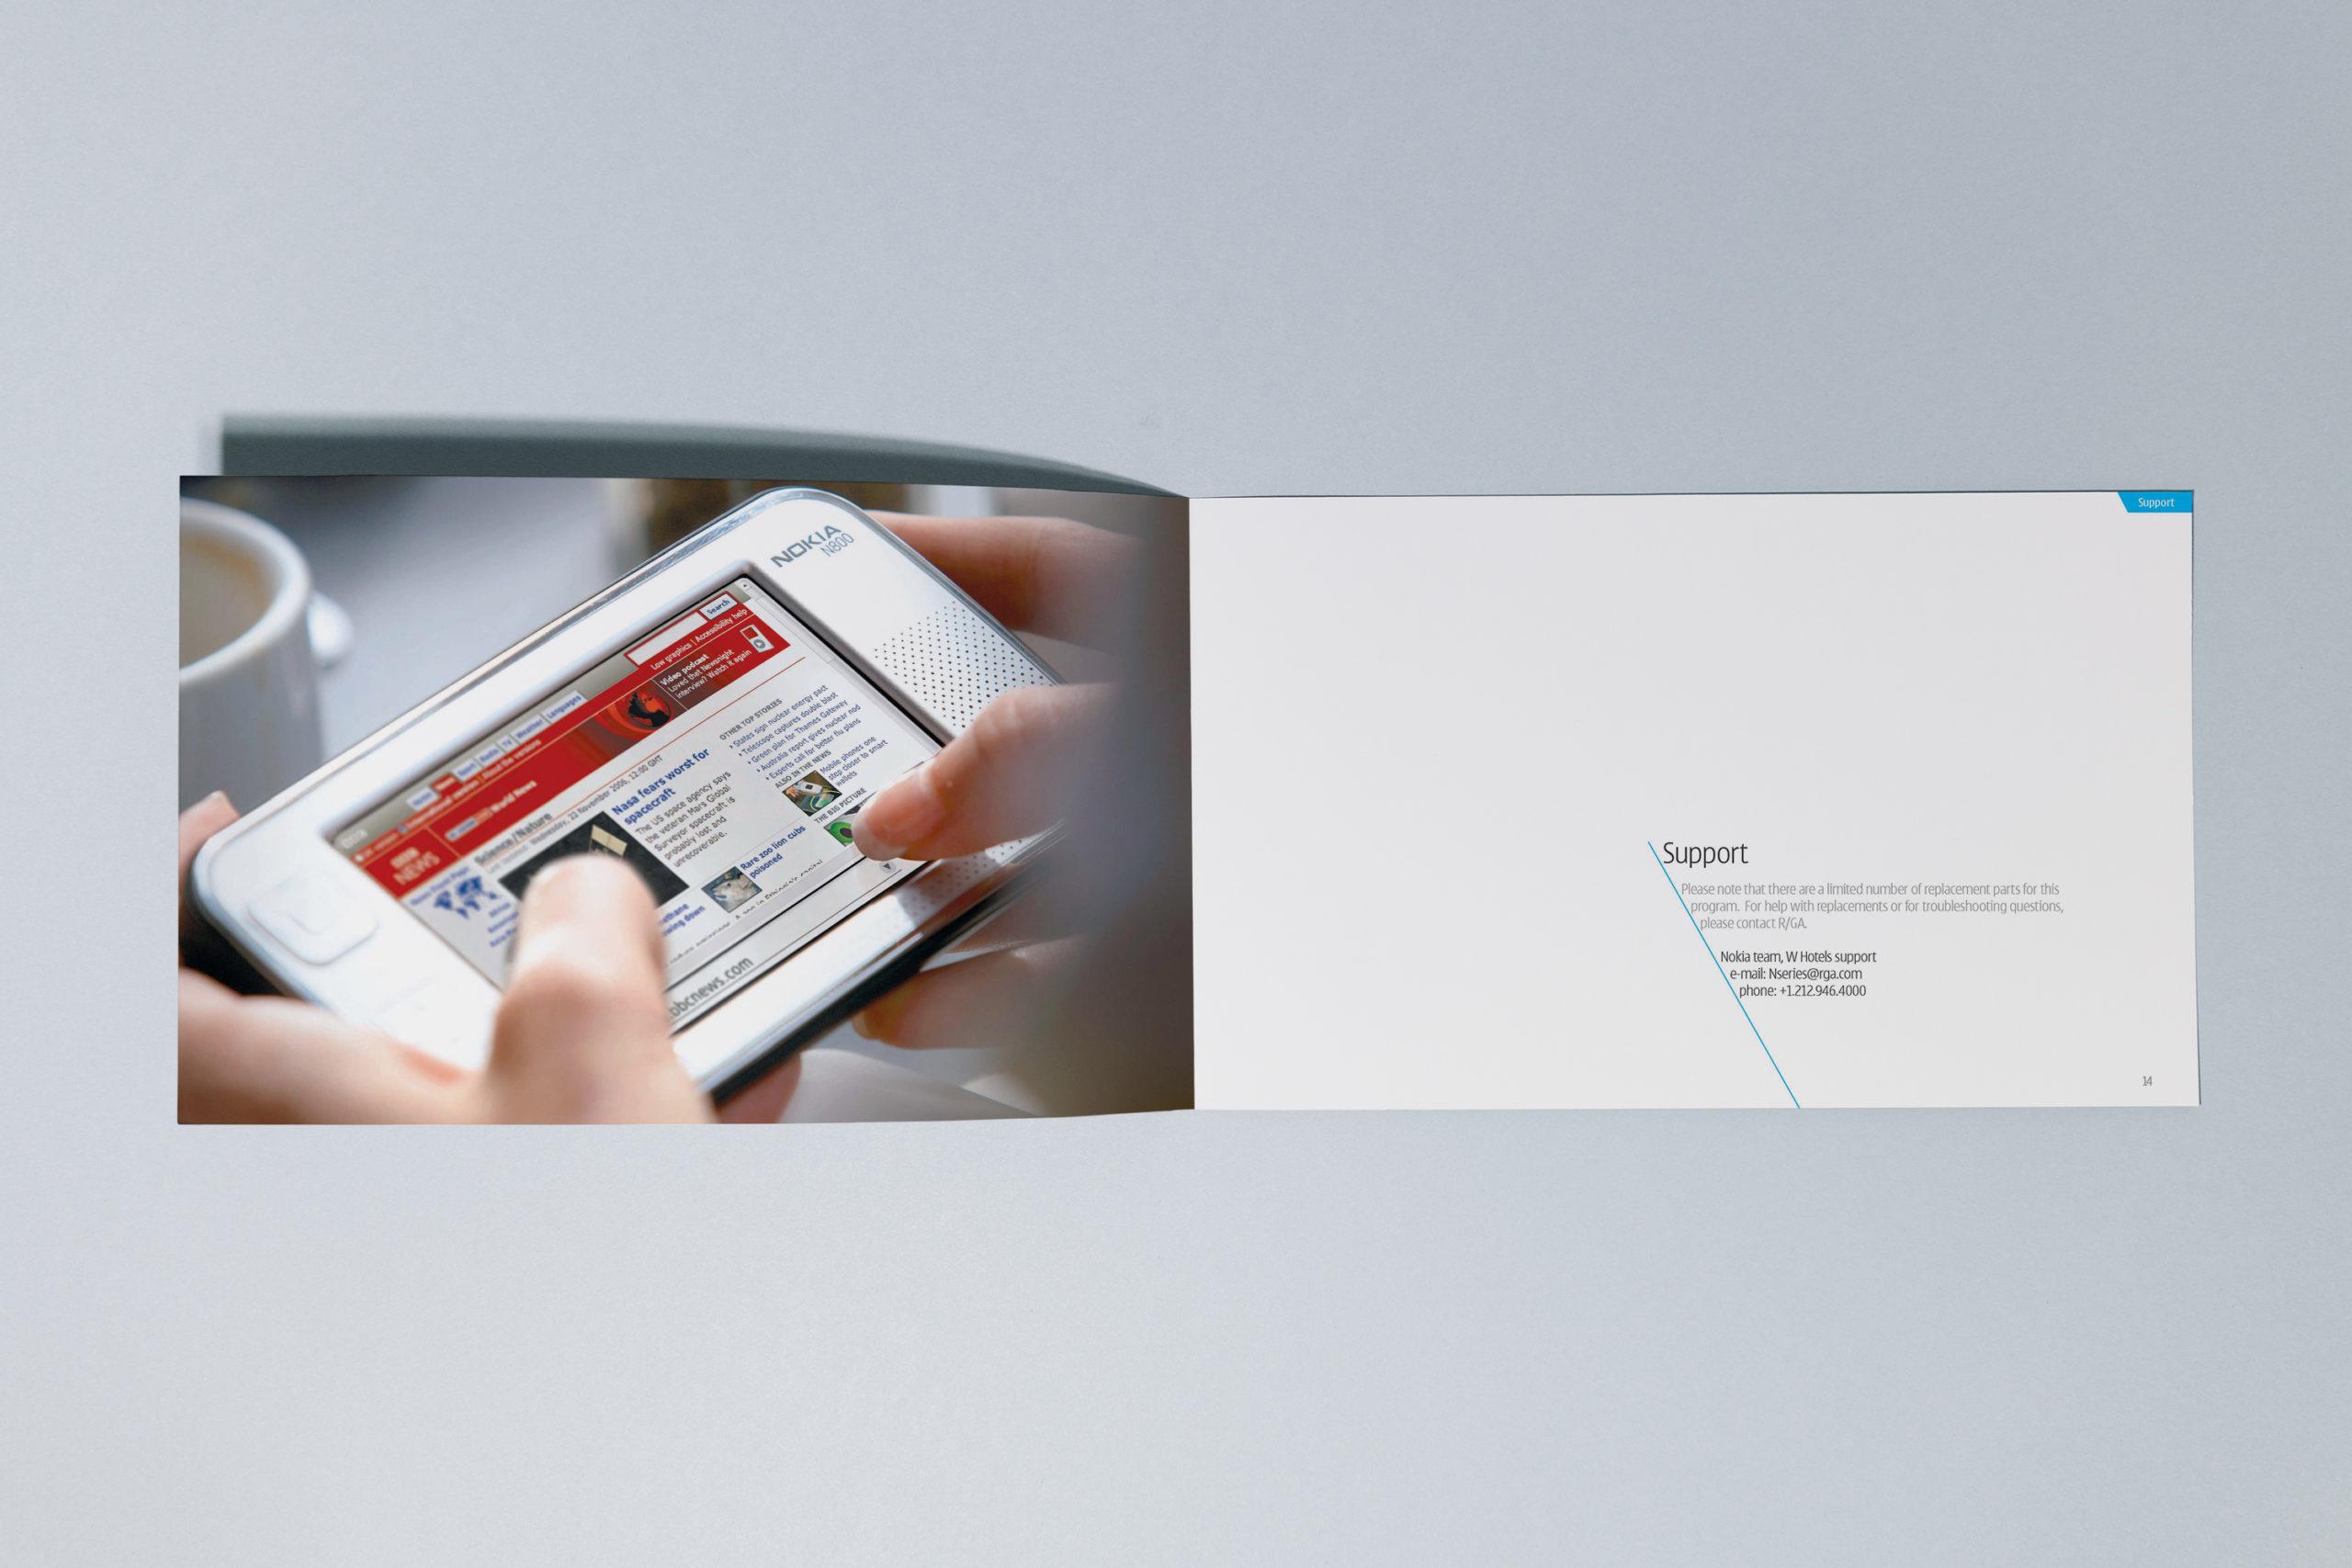 Nokia sales booklet